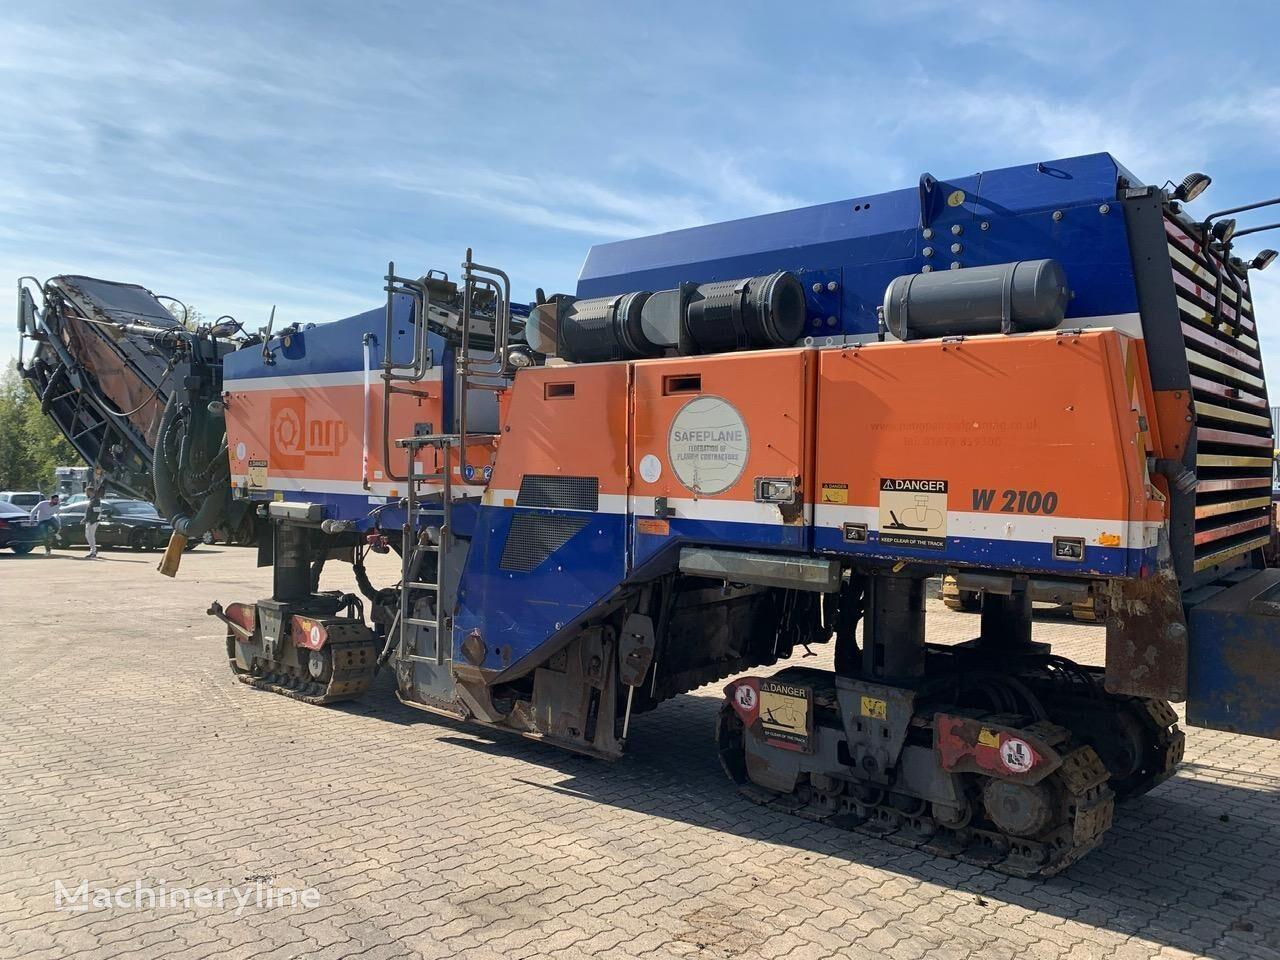 WIRTGEN W2100 asphalt milling machine